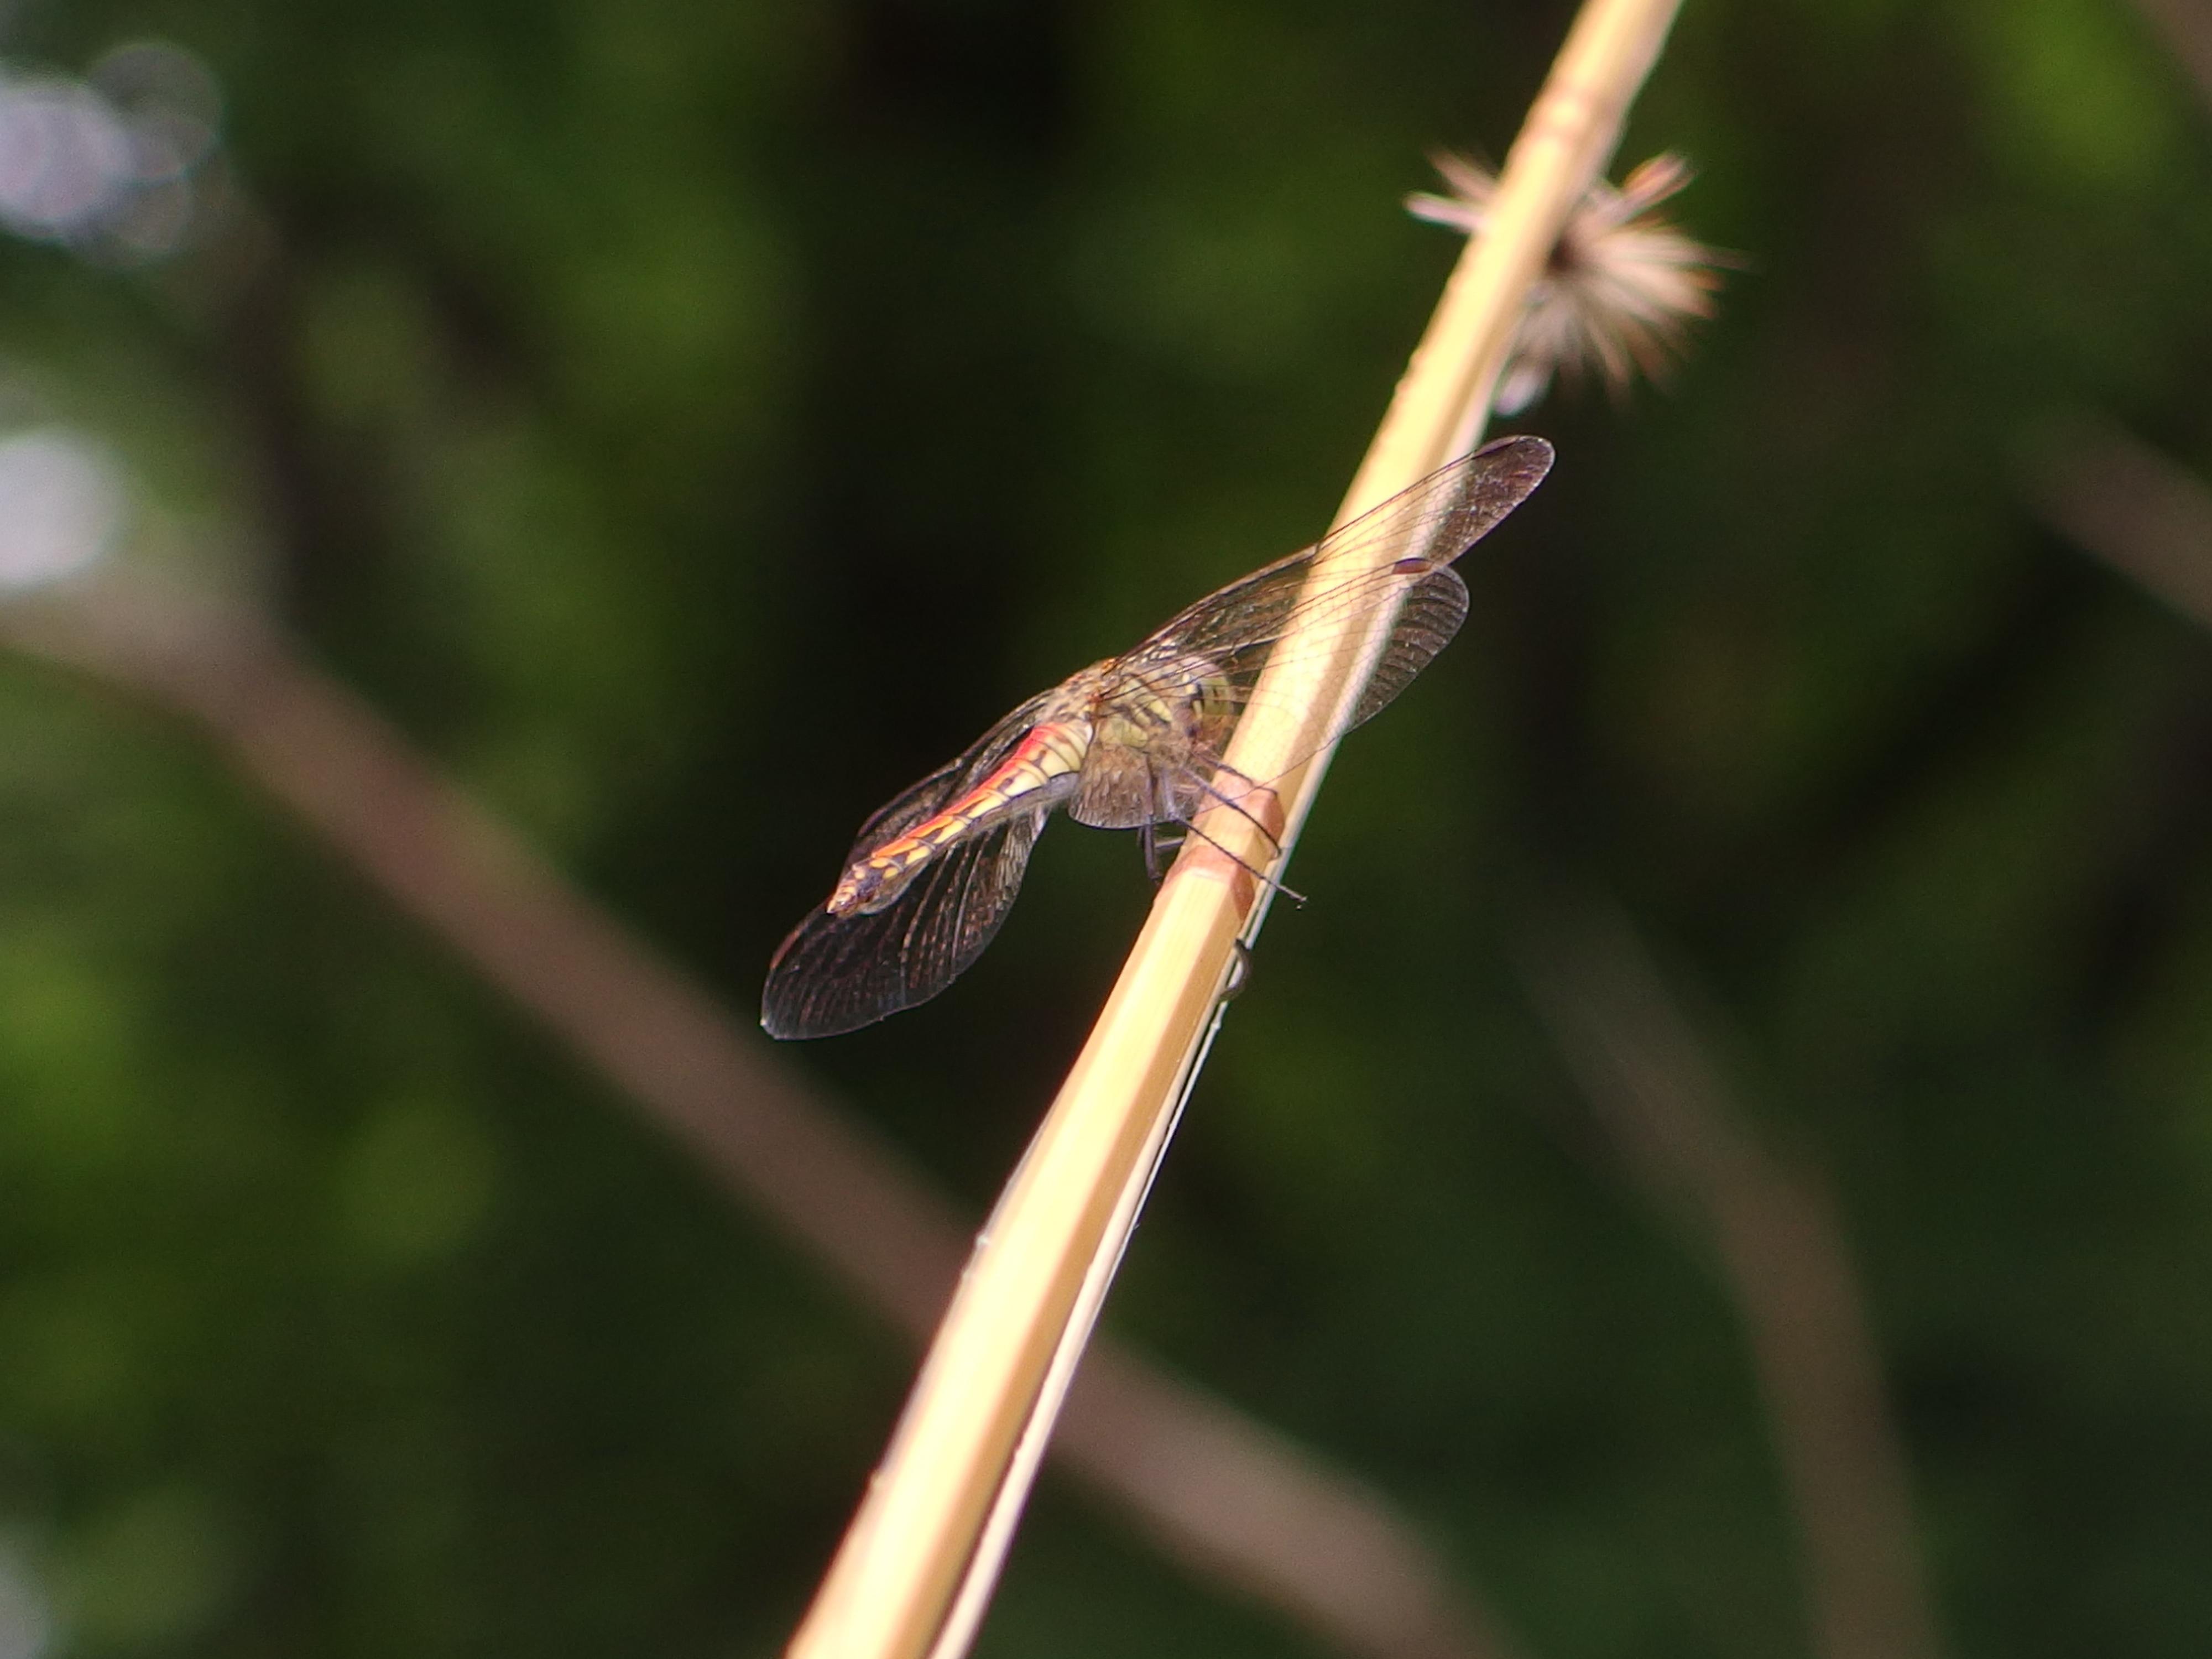 北海道の河原では蜻蛉が夏の終わりを告げている。